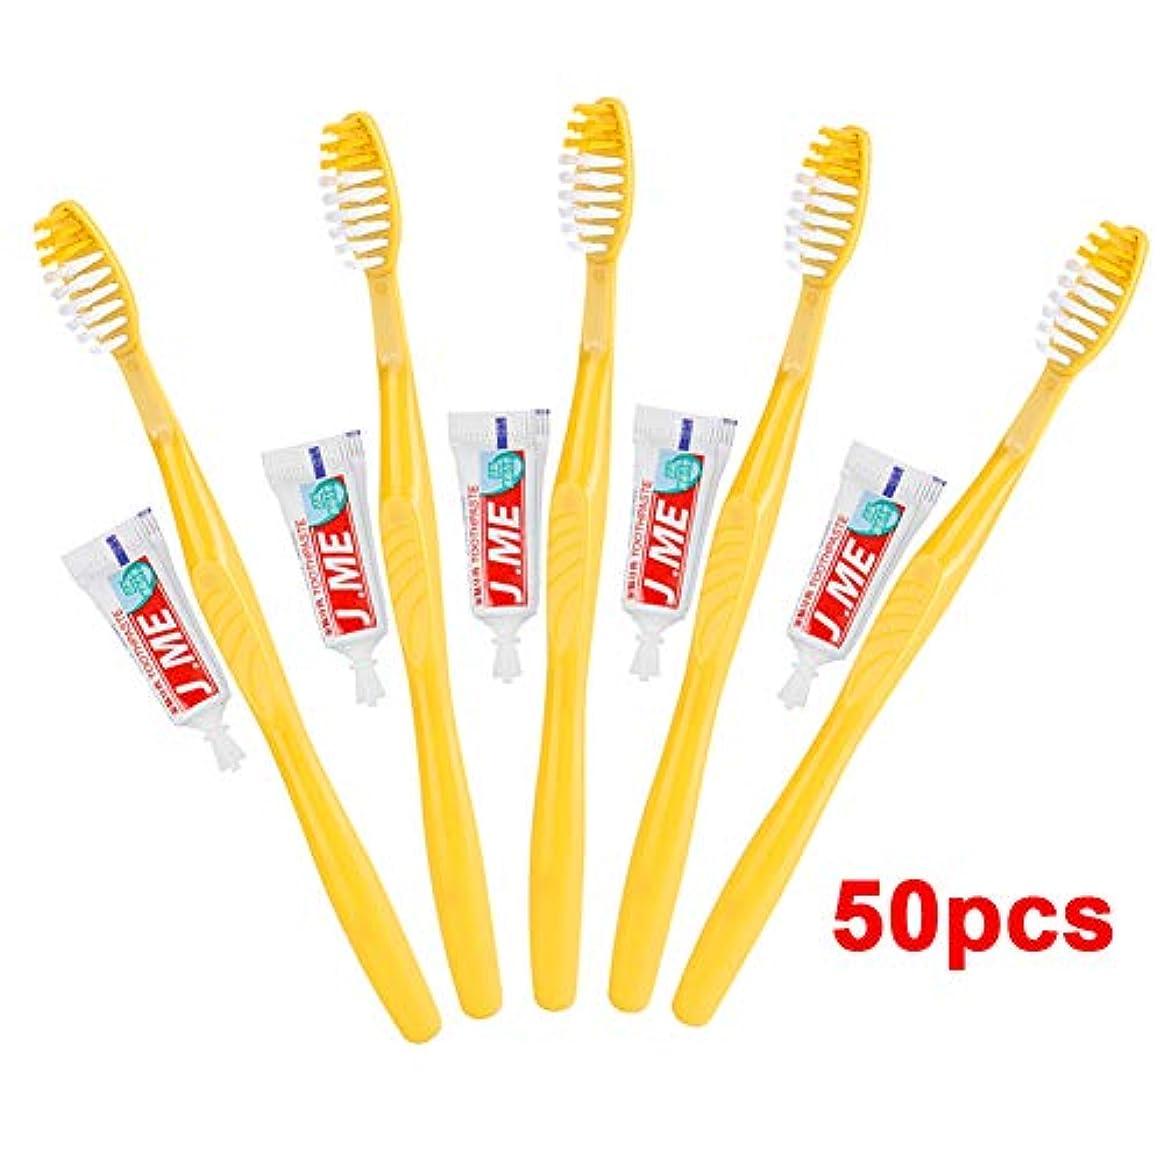 靄文字通り十分Doo 超安い 50本入り 業務用使い捨て歯ブラシセット ハミガキ粉付き 使い捨て歯ブラシ ビジネス ホテル 工業用